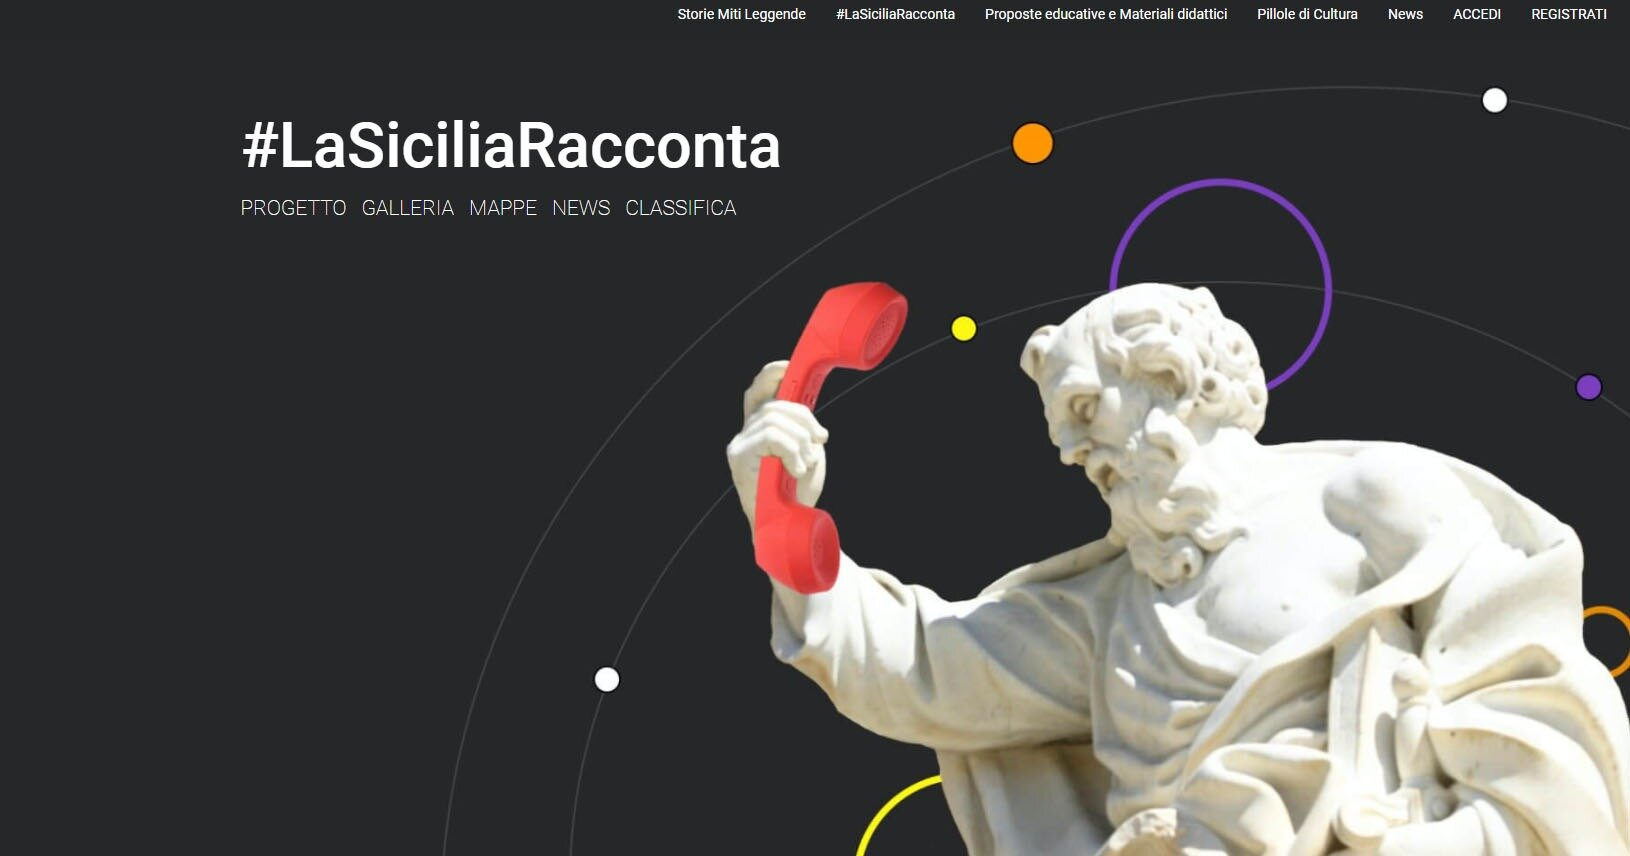 #LA SICILIA RACCONTA: I MUSEI E I SITI DELLA SICILIA ORIENTALE ENTRANO A SCUOLA GRAZIE A UNA PIATTAFORMA WEB